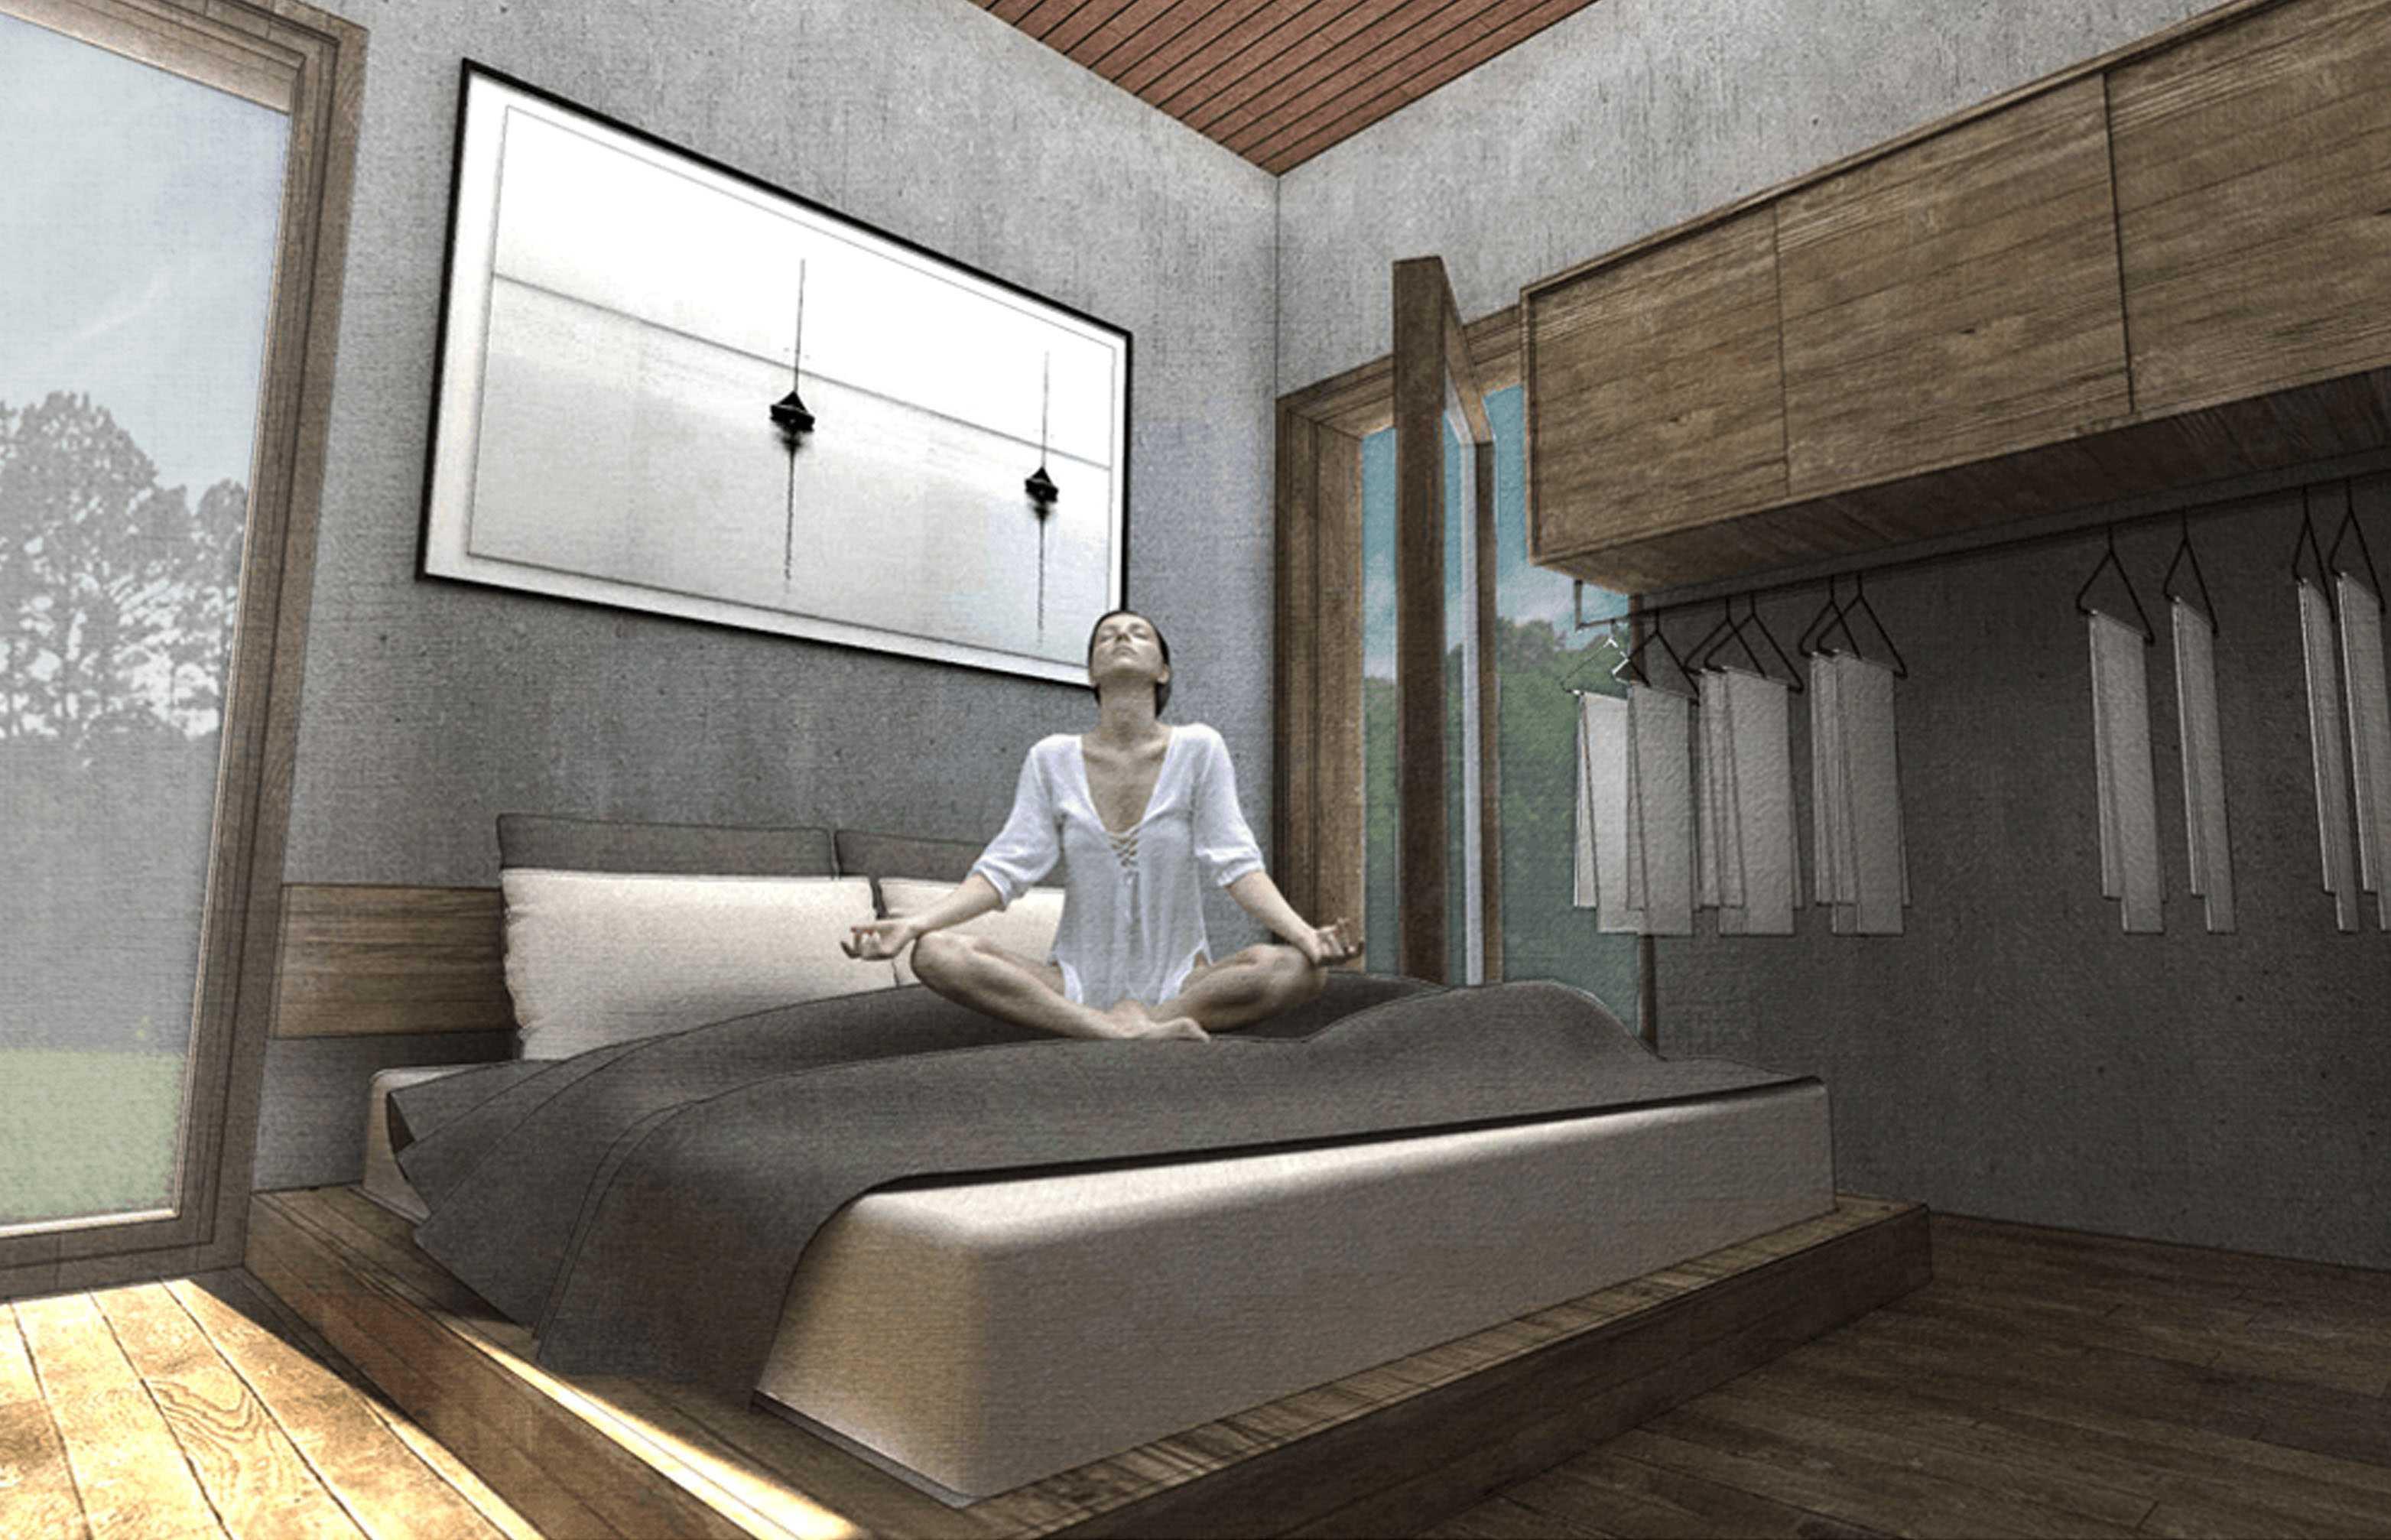 Studio Benang Merah A-1601 Seribu Guest House Kepulauan Seribu Regency, Jakarta, Indonesia Kepulauan Seribu Regency, Jakarta, Indonesia 2 Kontemporer,skandinavia,modern  36819